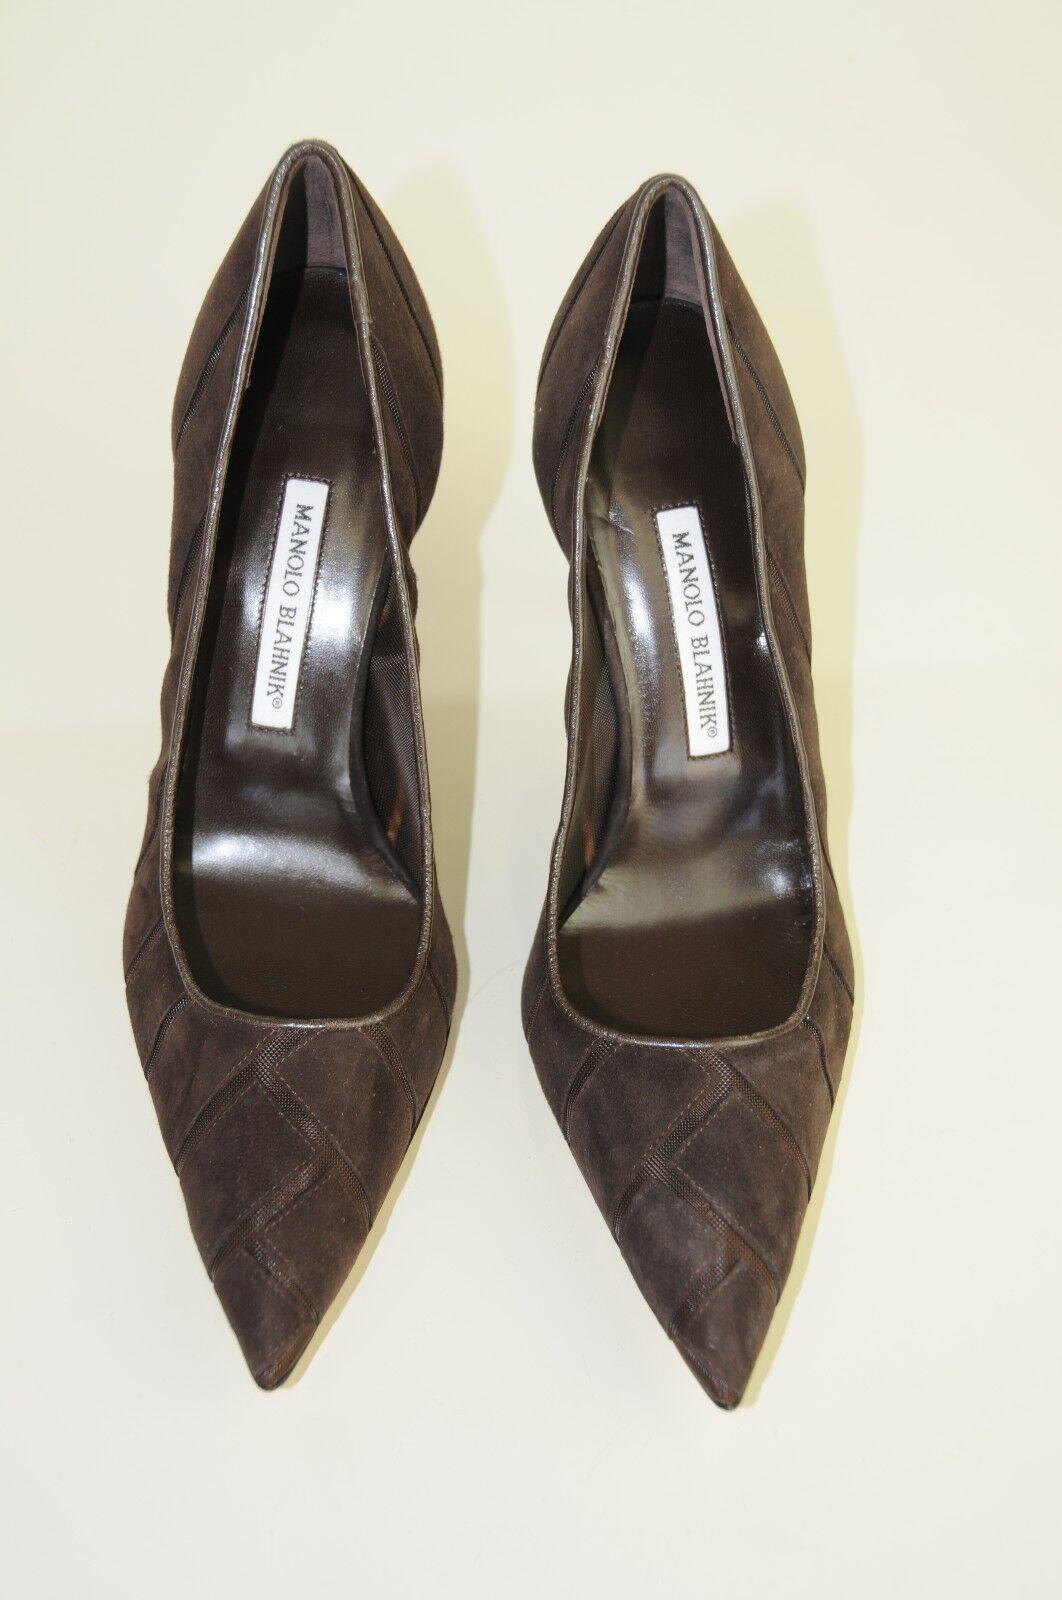 l'intera rete più bassa    895 New Manolo Blahnik BB Chocolate Marrone Suede Pumps Heels scarpe 40 41 41.5  i nuovi stili più caldi